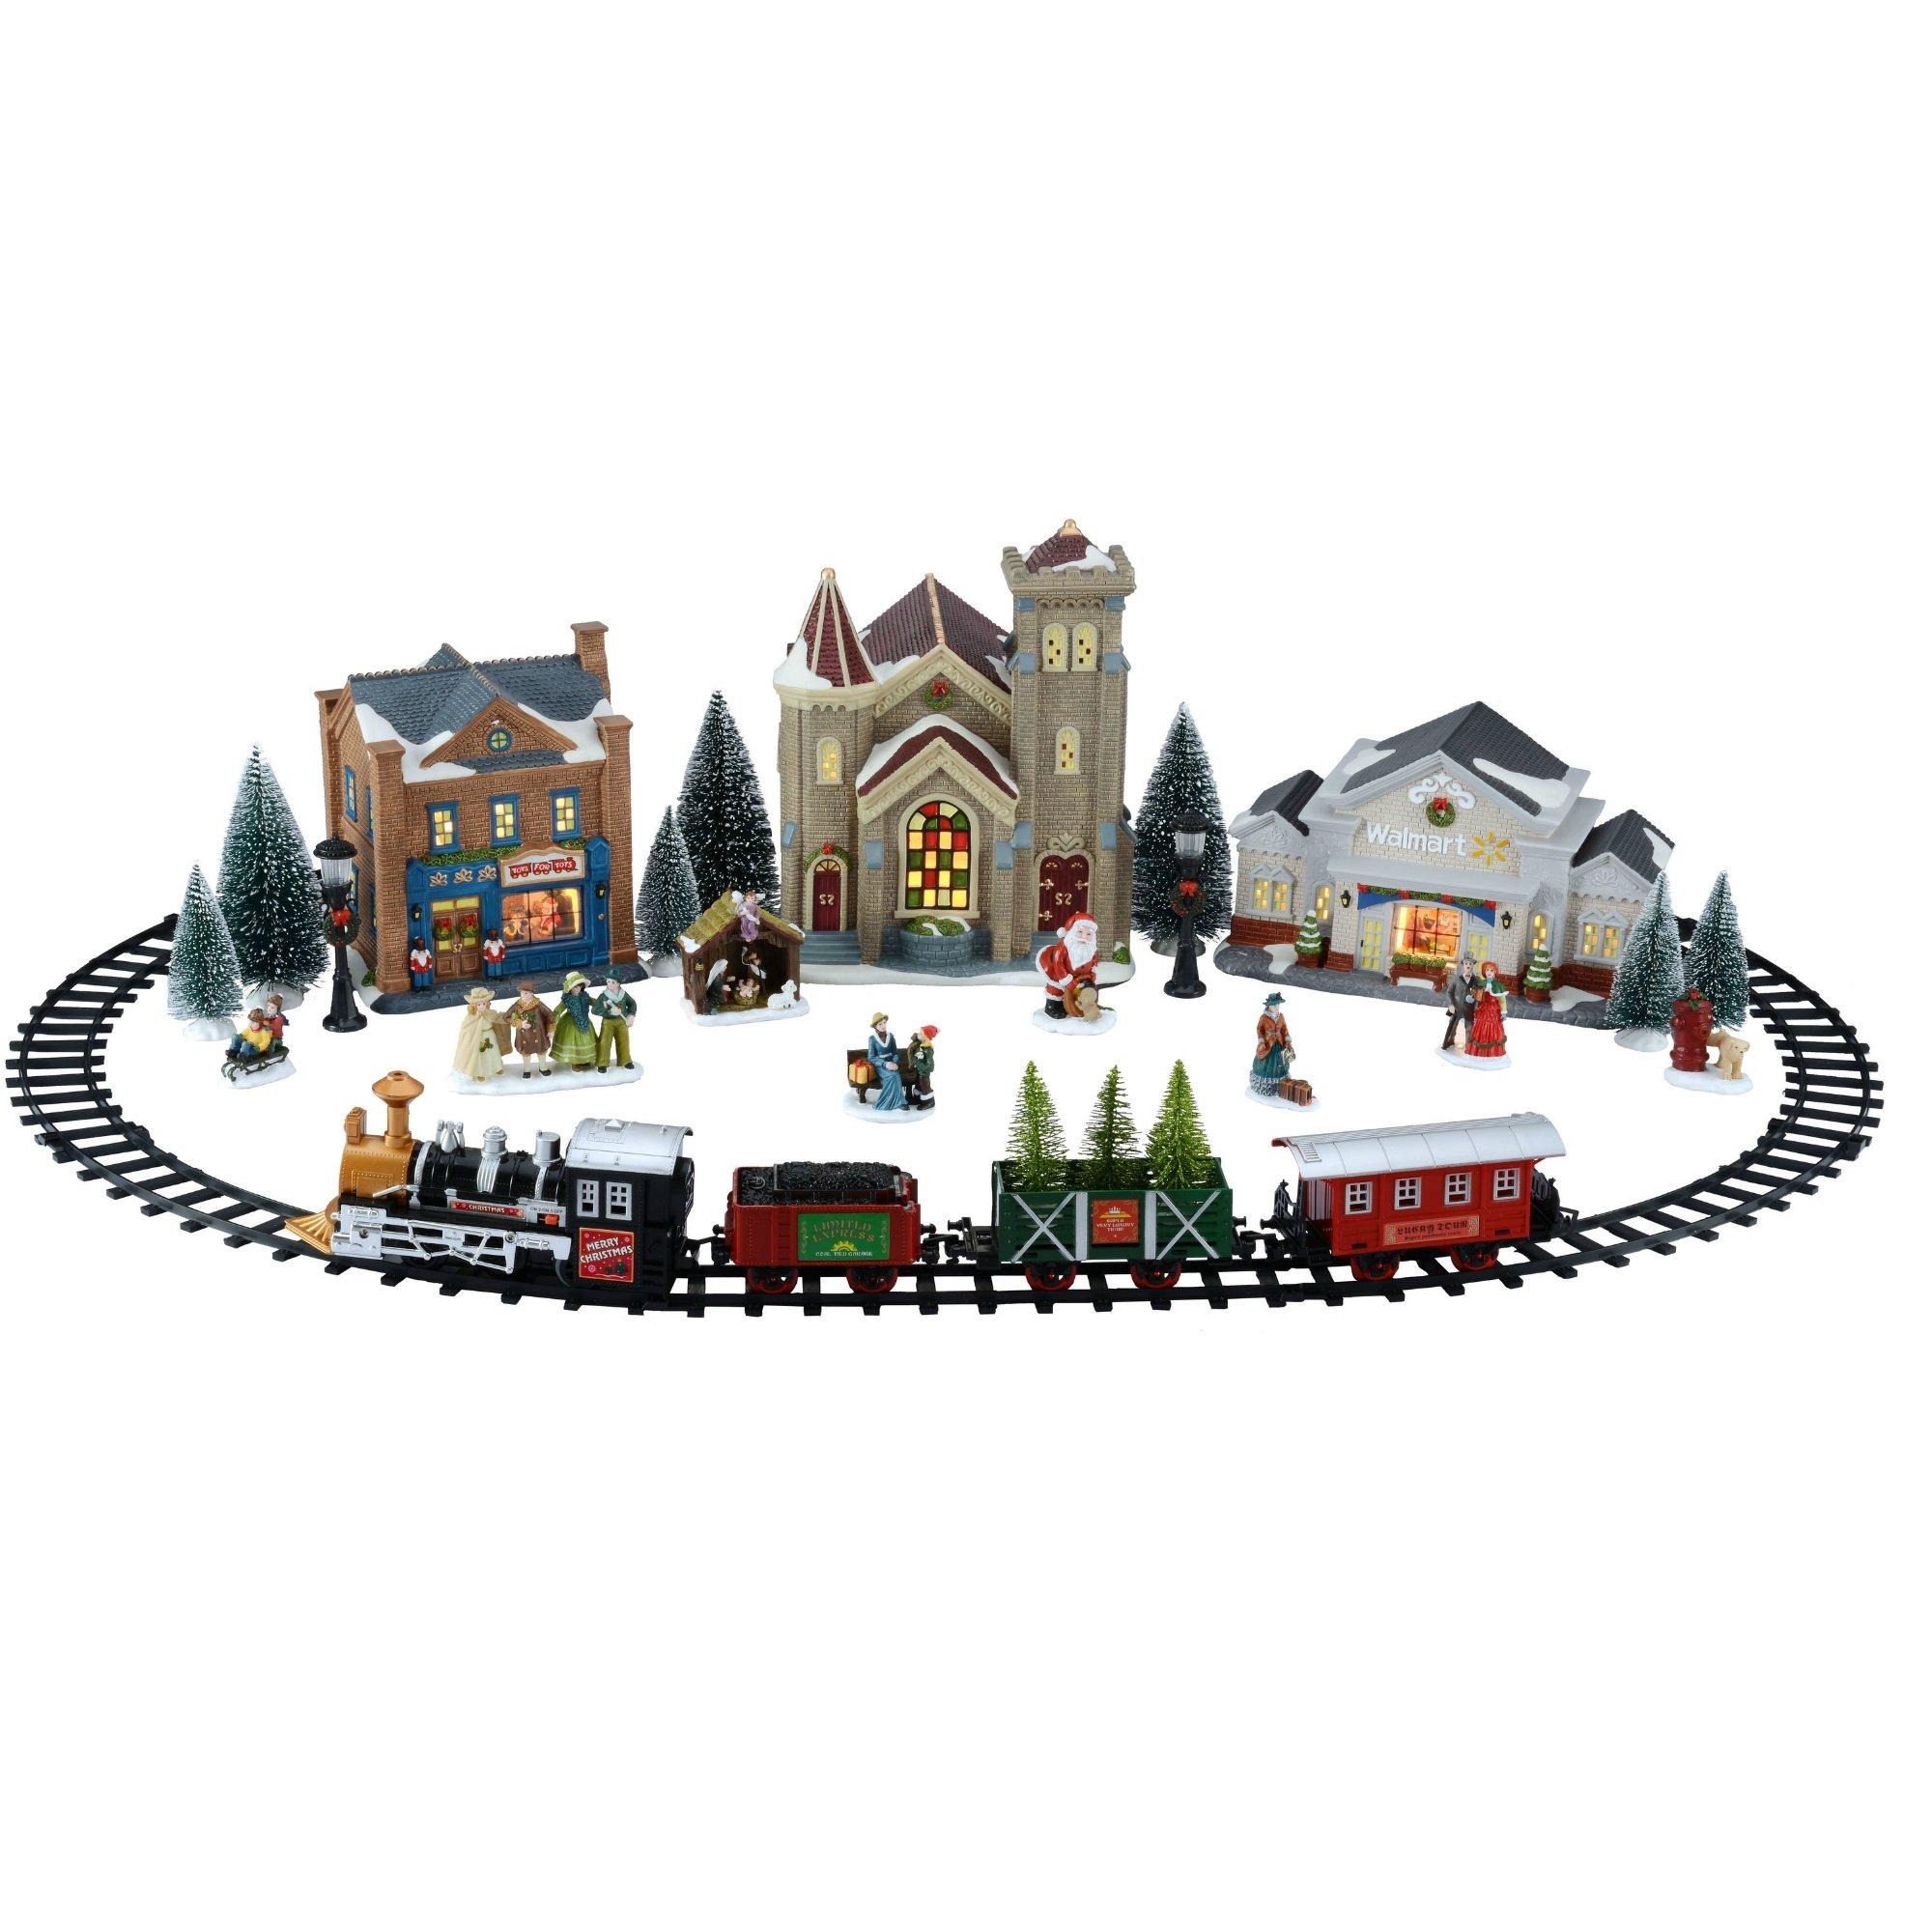 Christmas Village Train Set.Details About Battery Operated Train Set Christmas Village Holiday Time